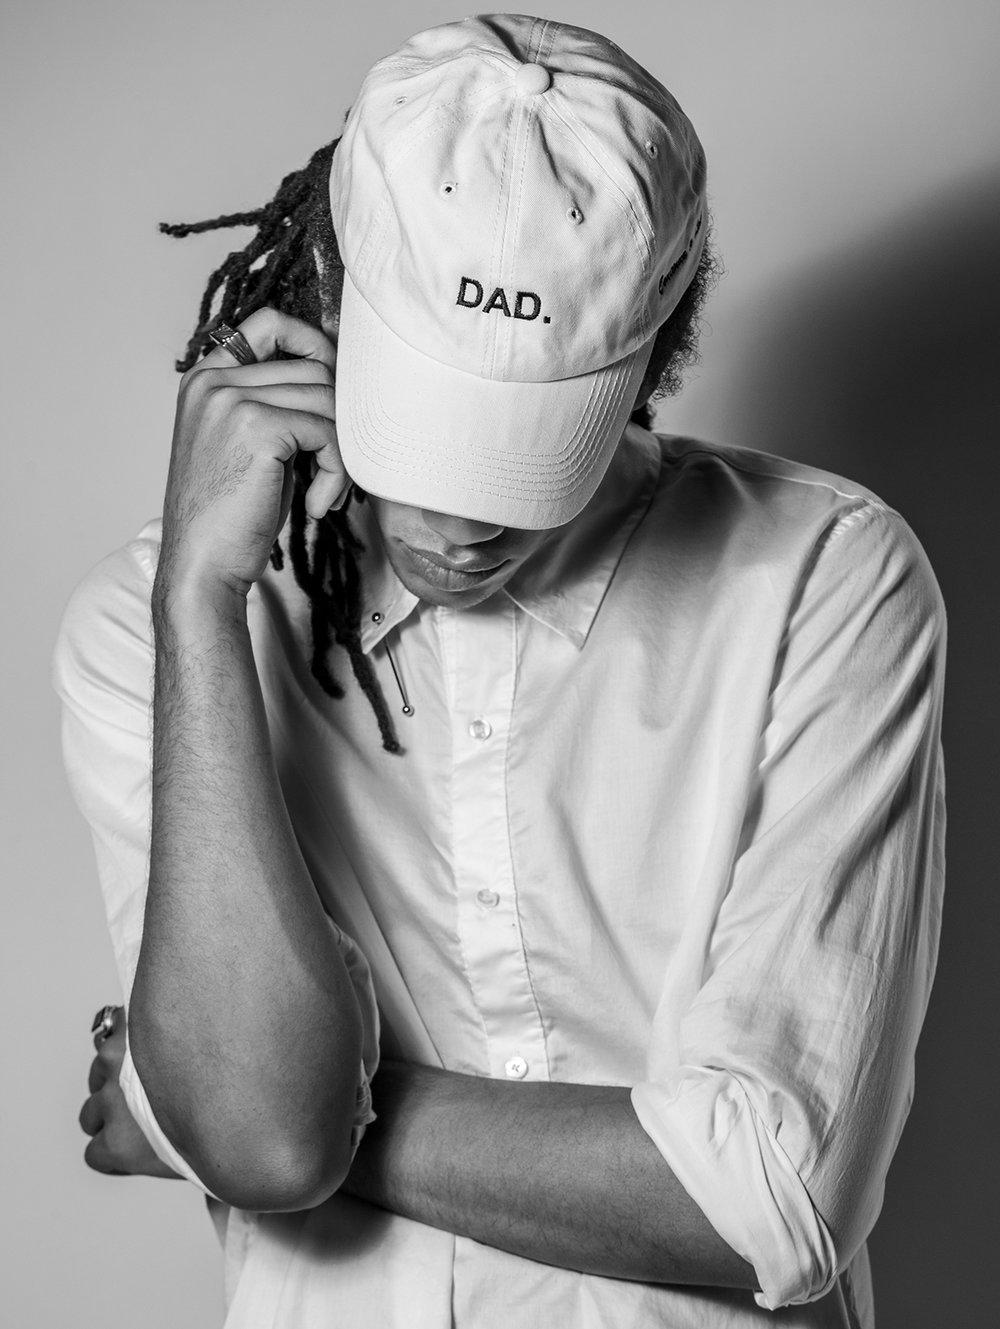 Dad_04.jpg